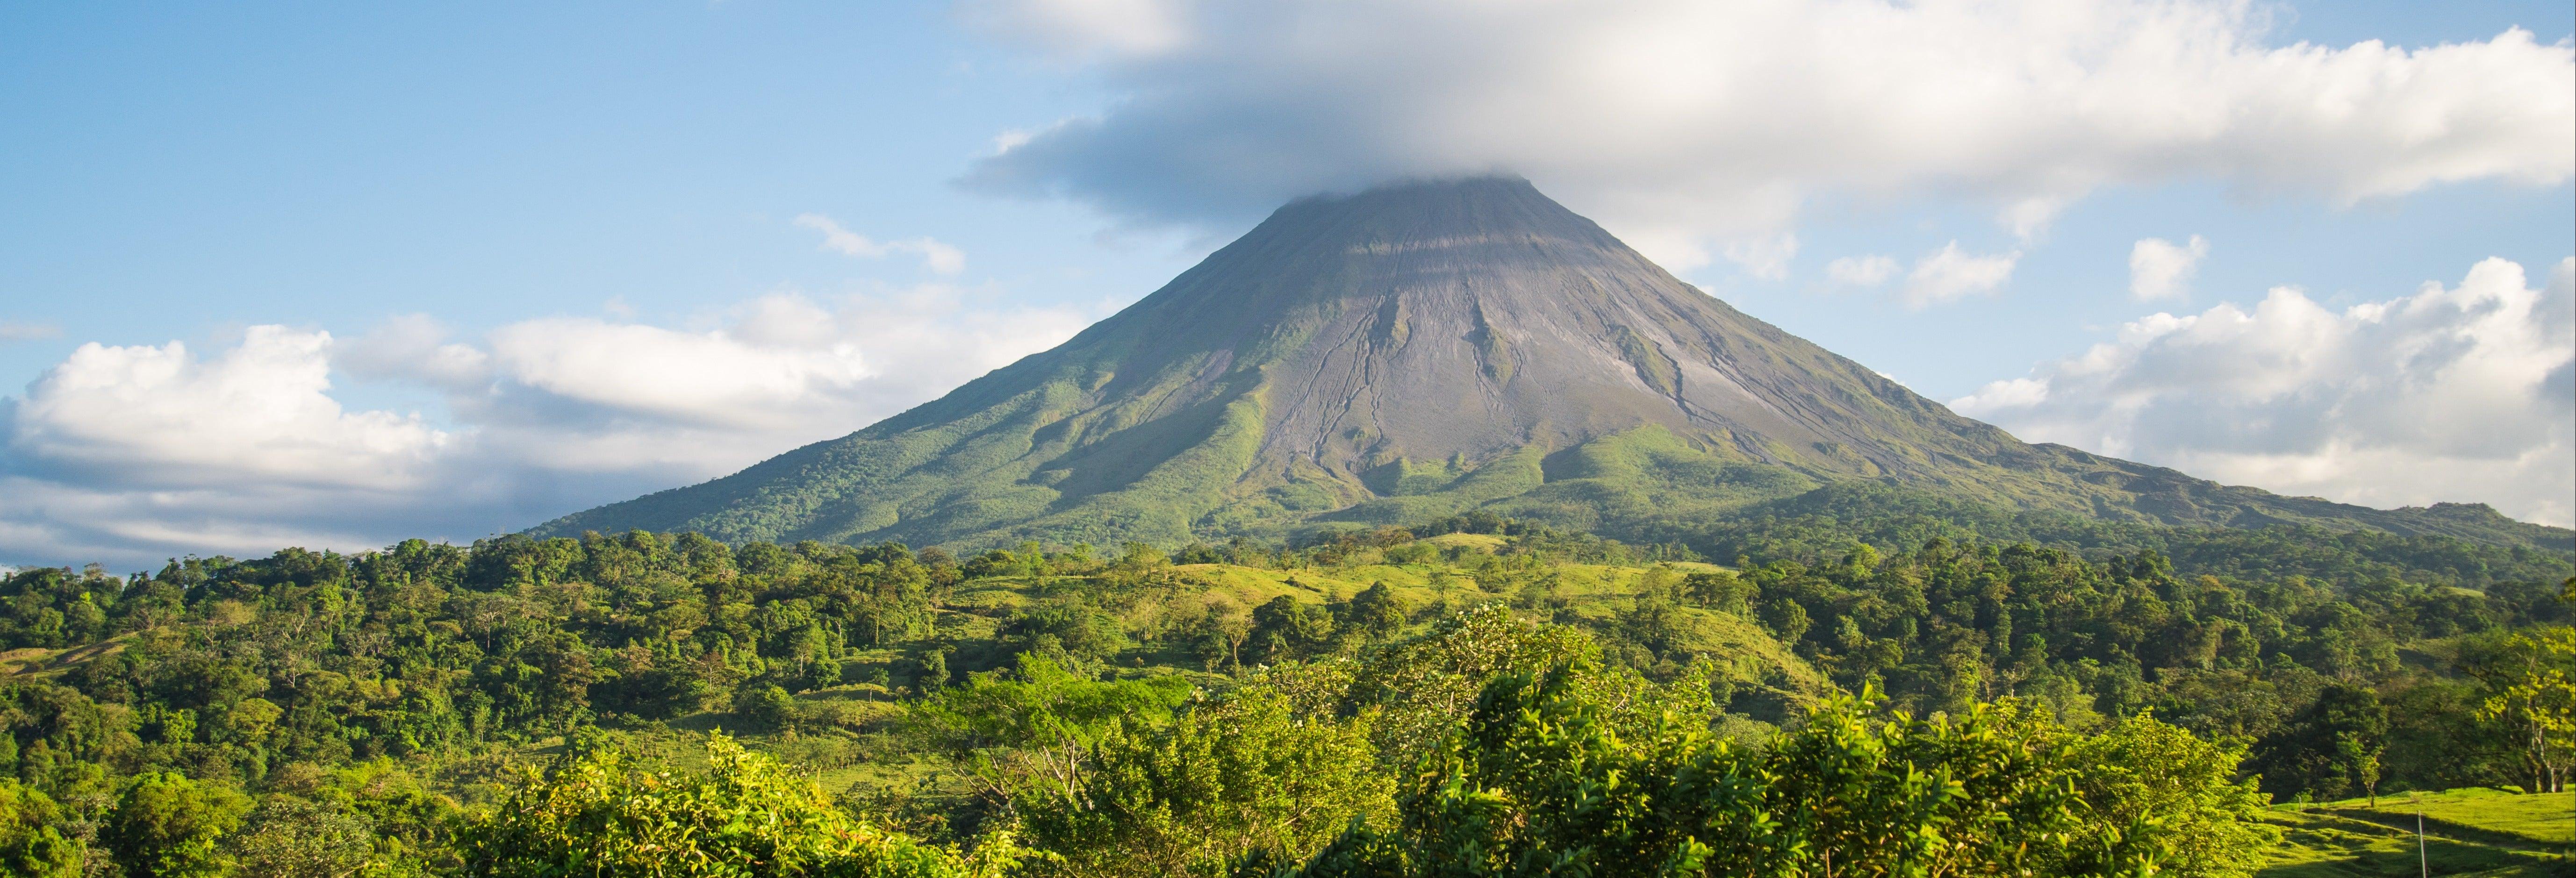 Excursión al Parque Ecológico Volcán Arenal